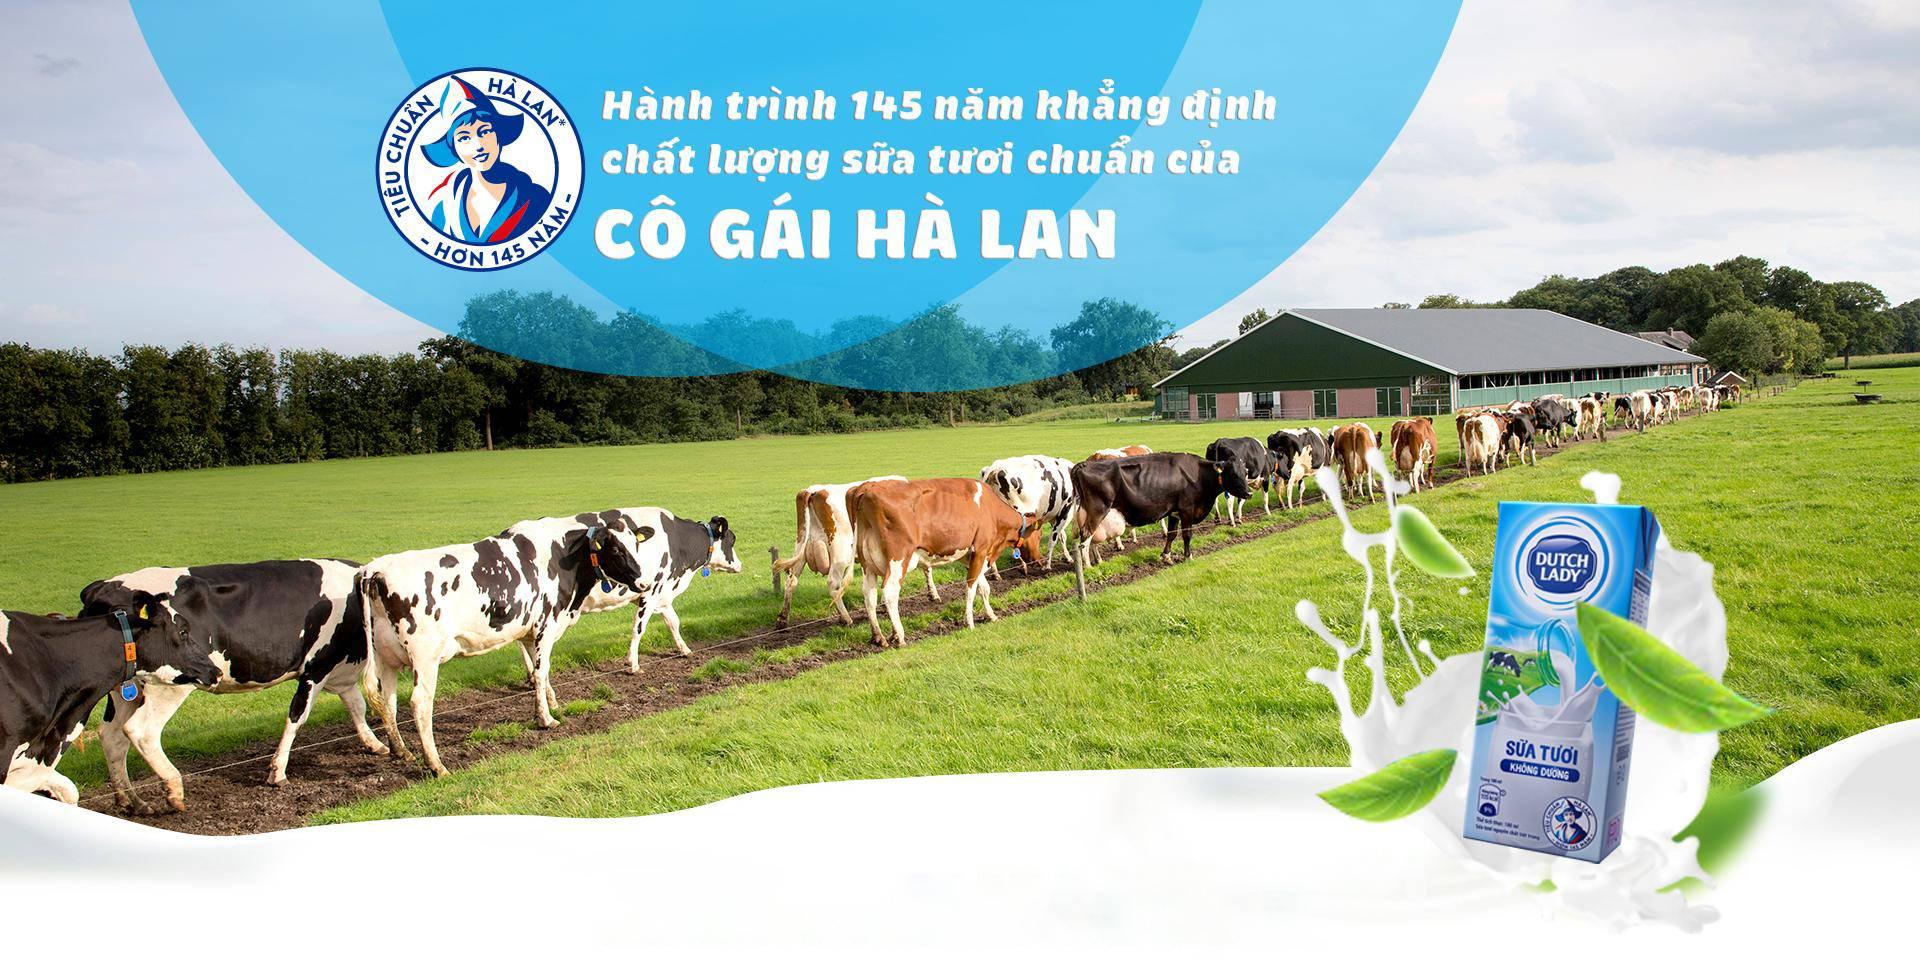 hanh trinh 145 nam khang dinh chat luong sua tuoi chuan cua co gai ha lan - 1